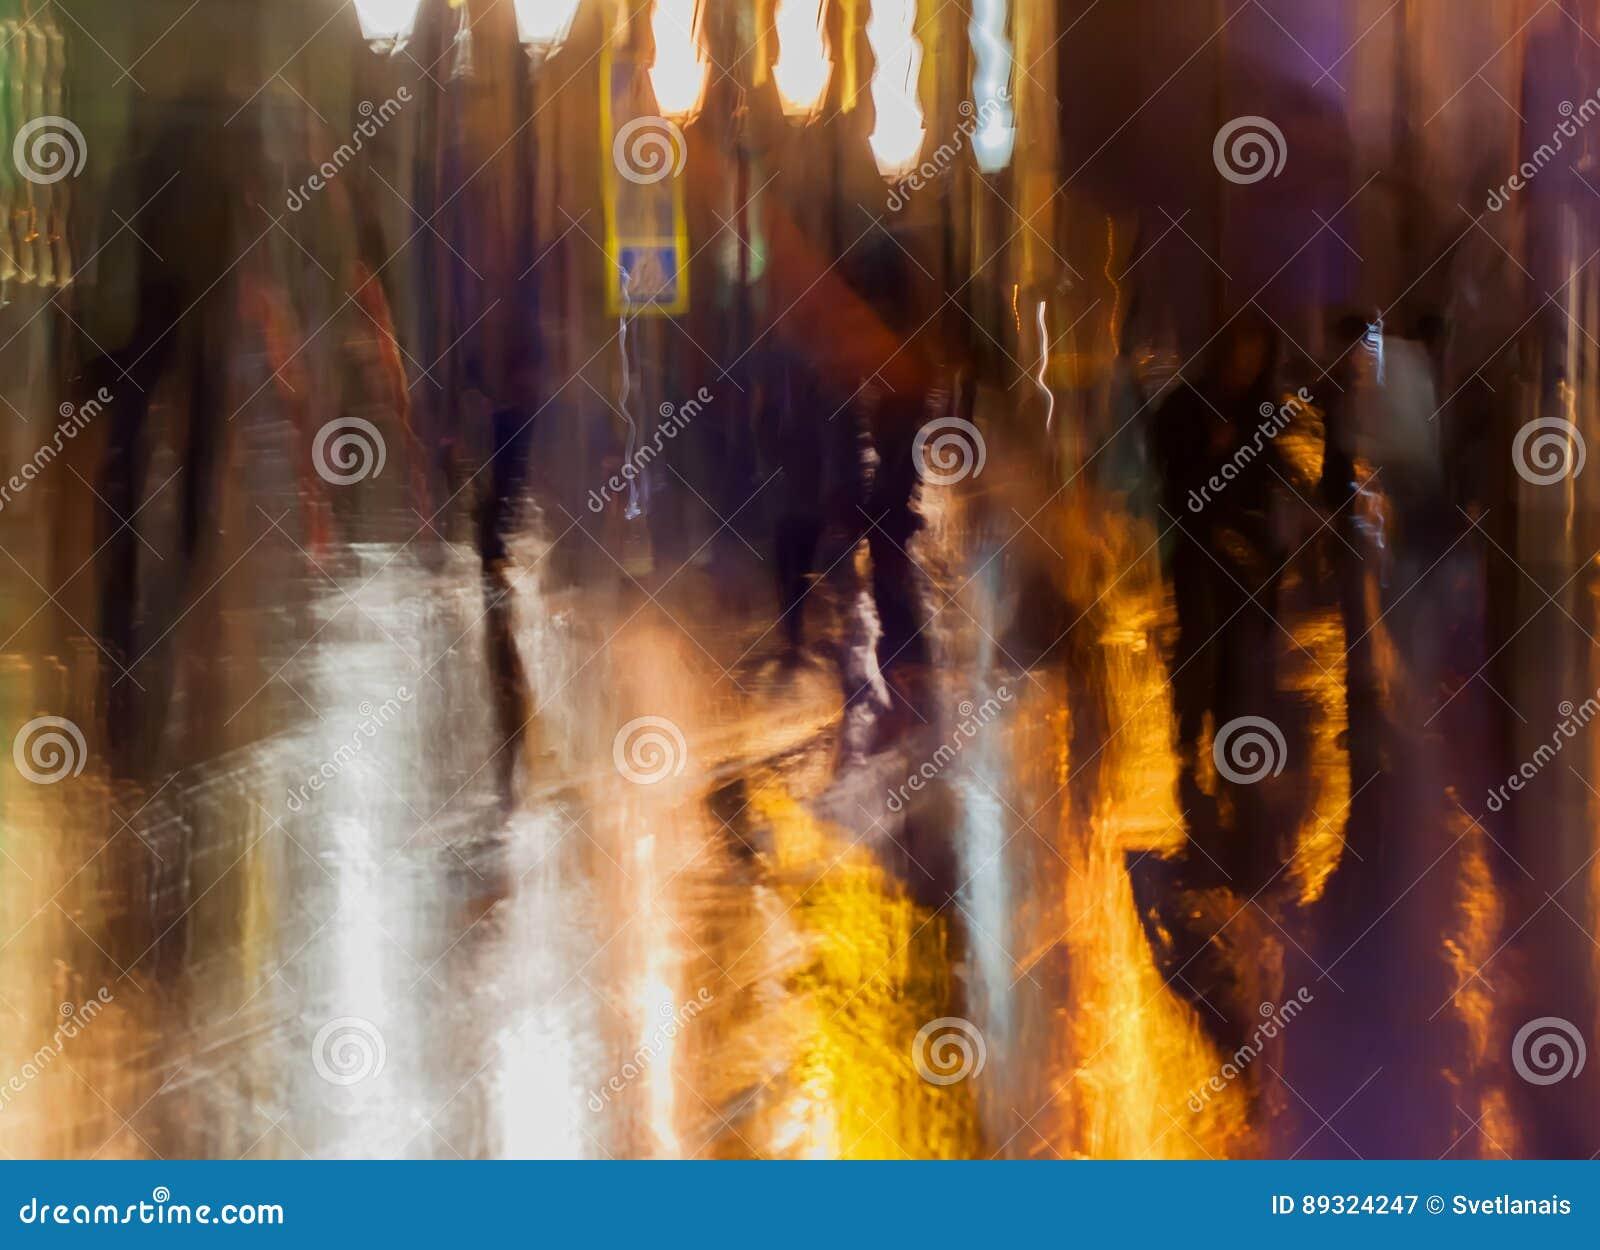 Abstrakt bakgrund av folkdiagram, stadsgata i regn, apelsin-brunt tonar Avsiktlig rörelsesuddighet brigham